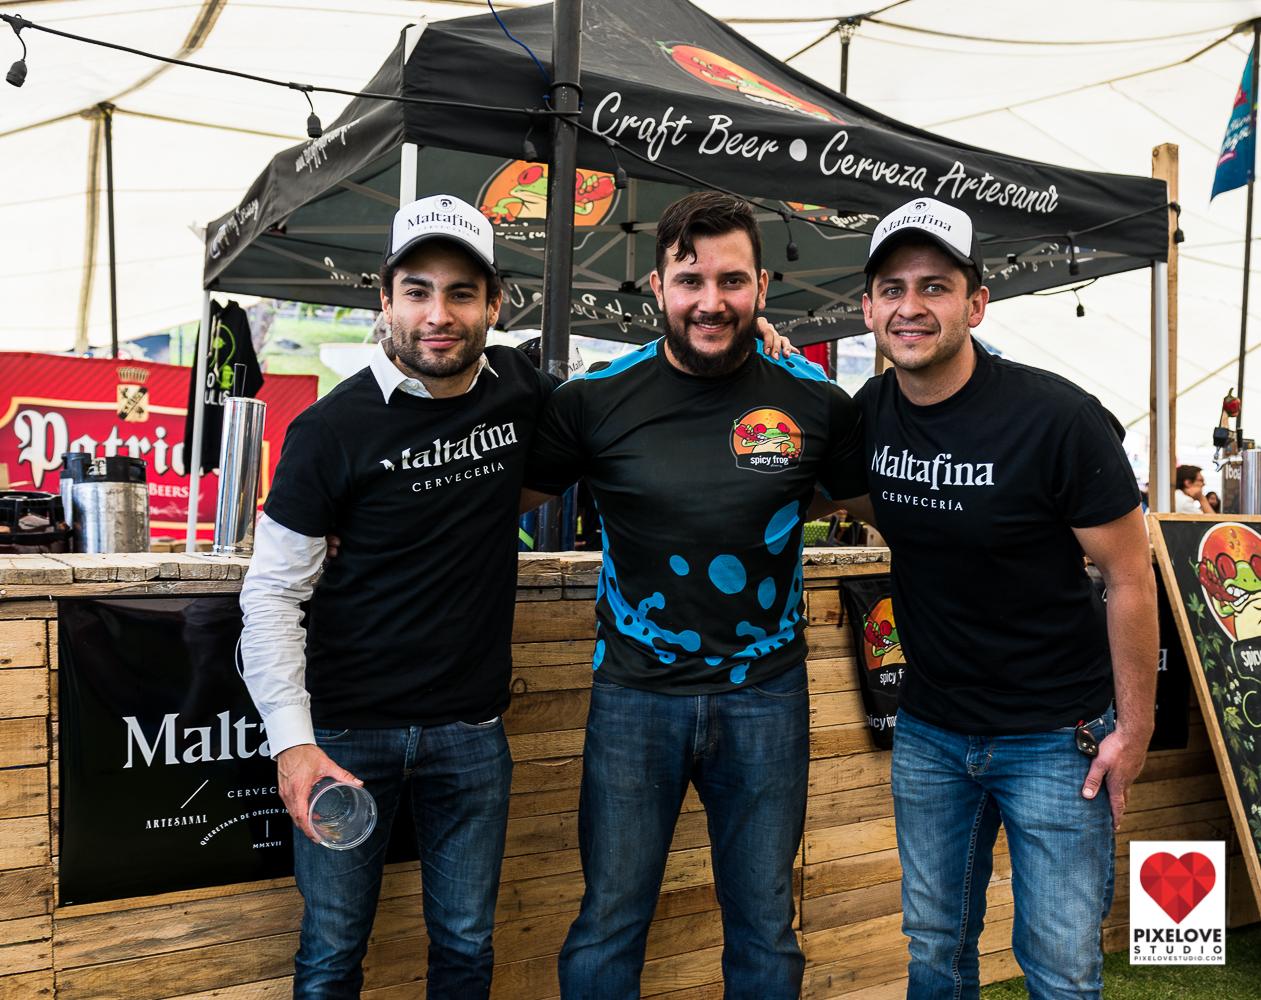 Fin de semana en el Festival Mariachela 2017 en la Plaza de Toros Juriquilla Querétaro. Cerveza artesanal, gastronomía, música en vivo y más.